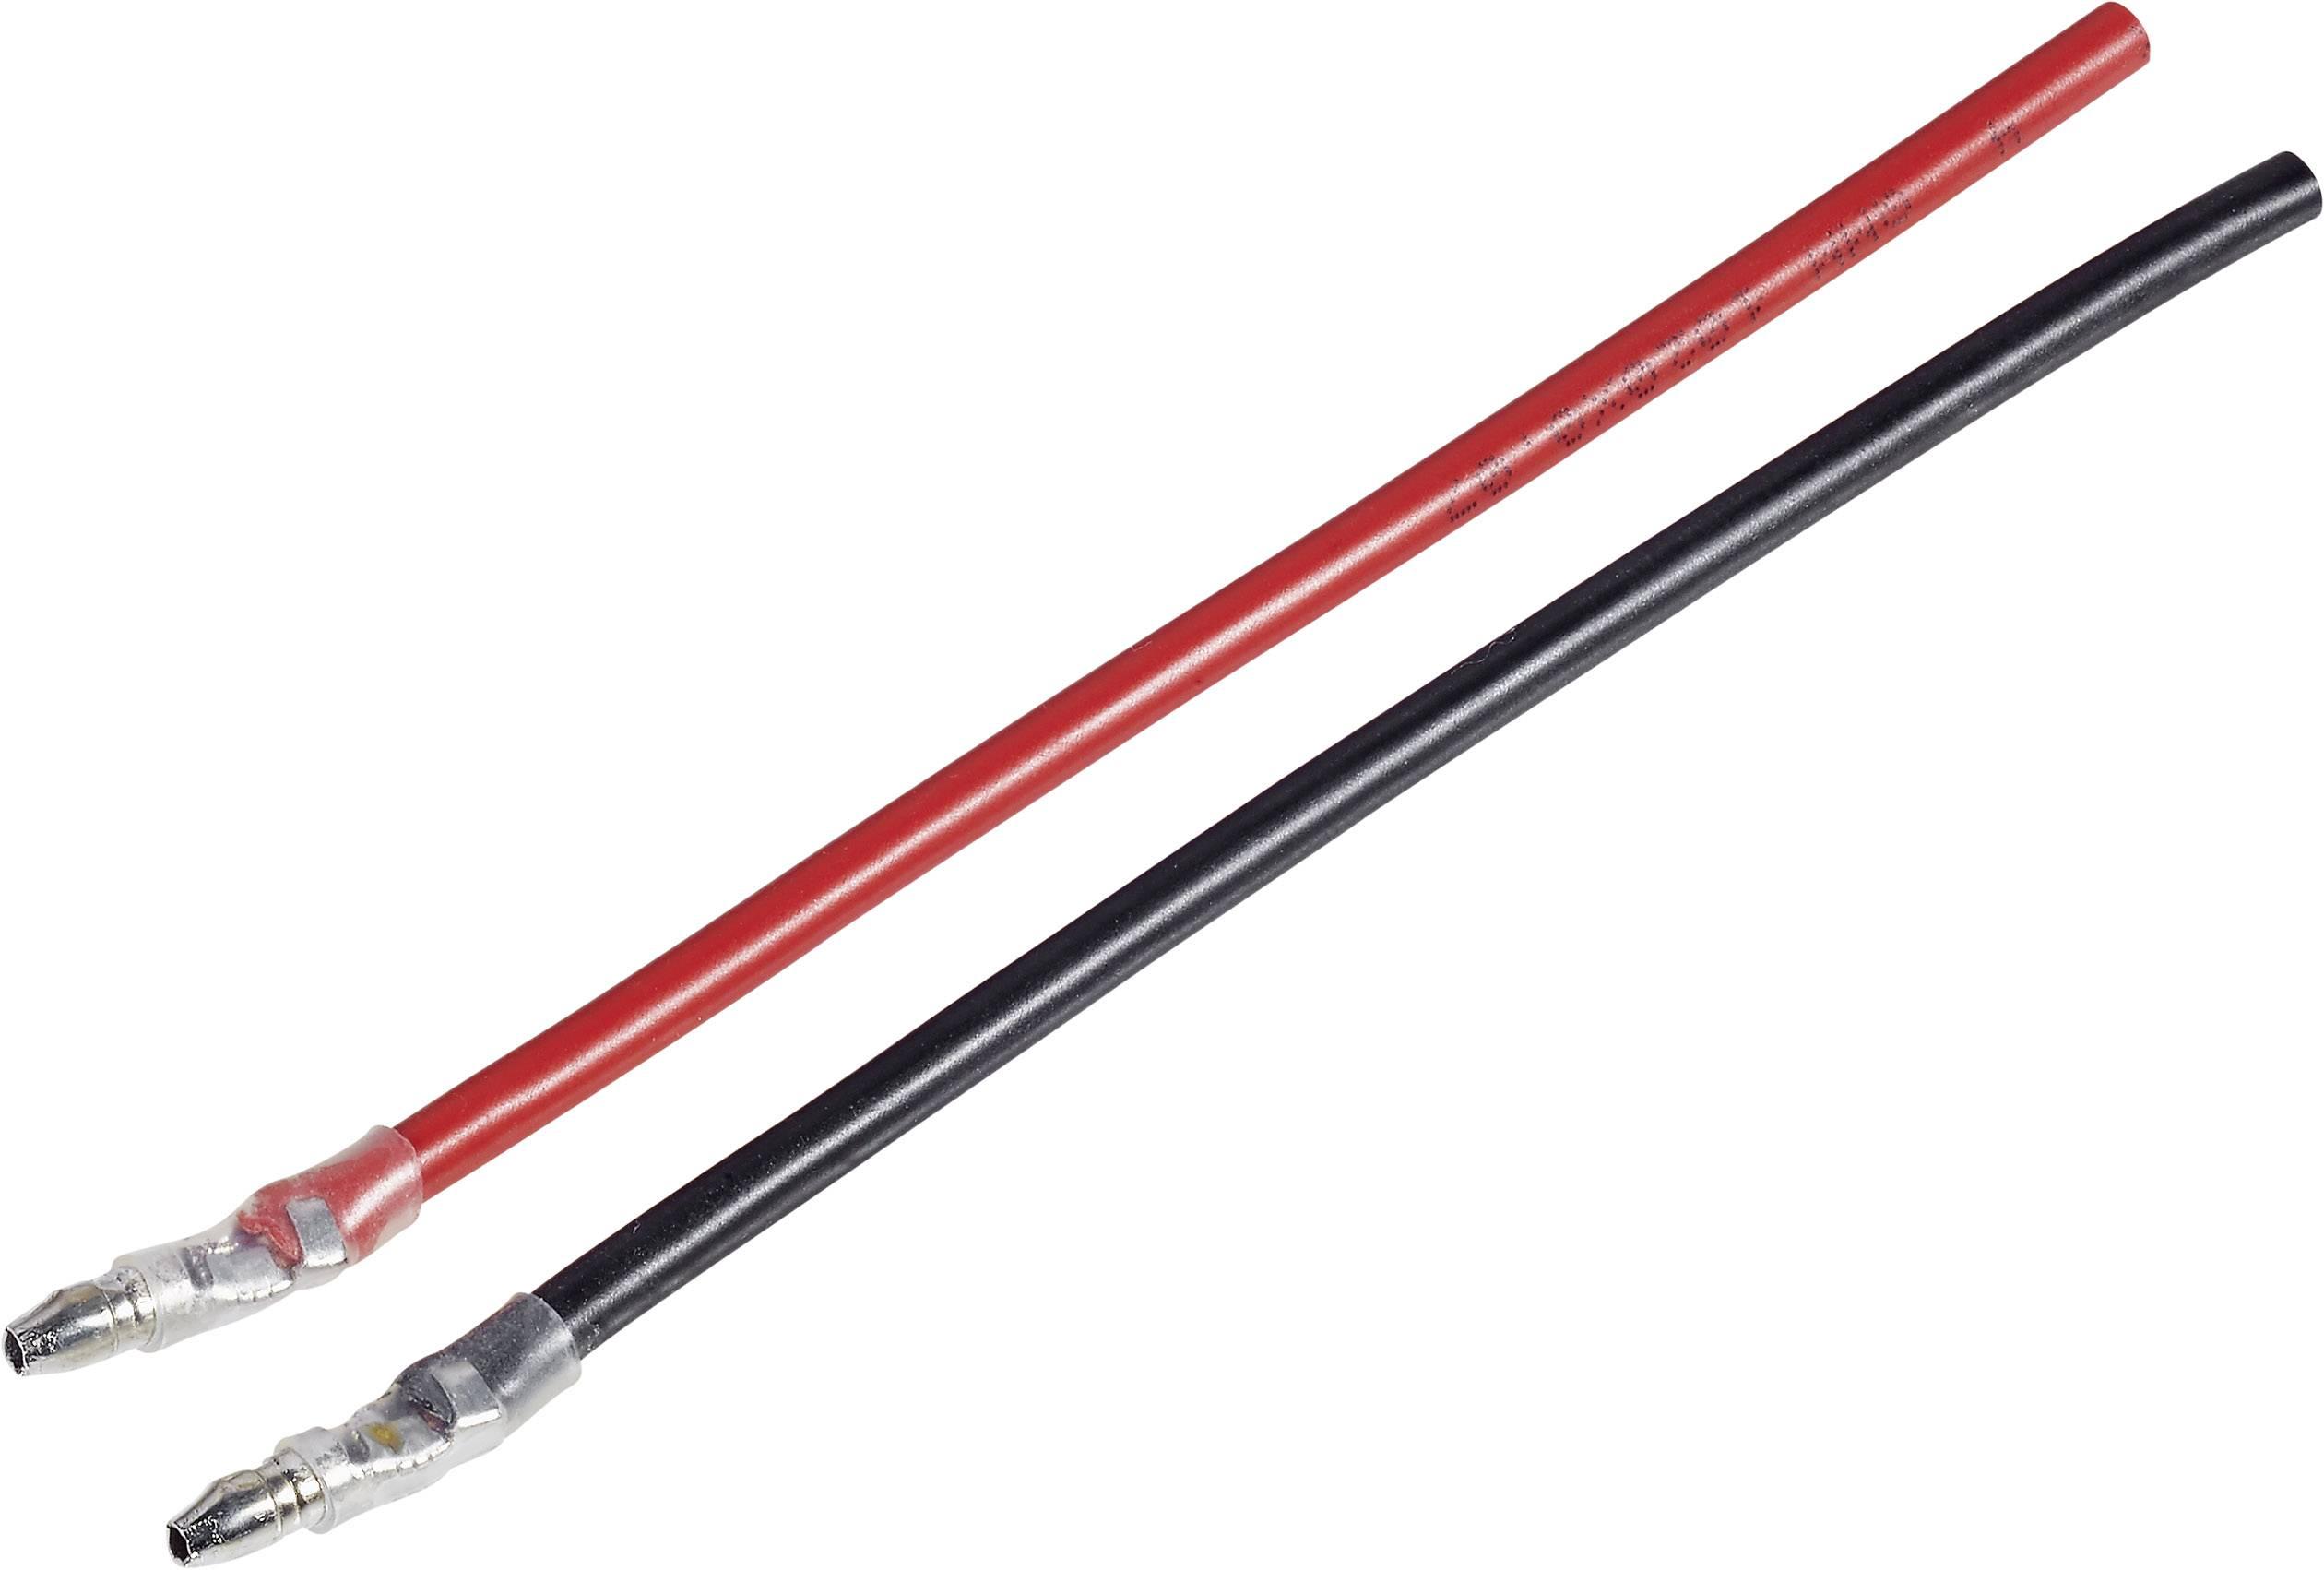 Kabel s koncovkou motoru Modelcraft, 1 pár, 4,5 mm, zástrčky